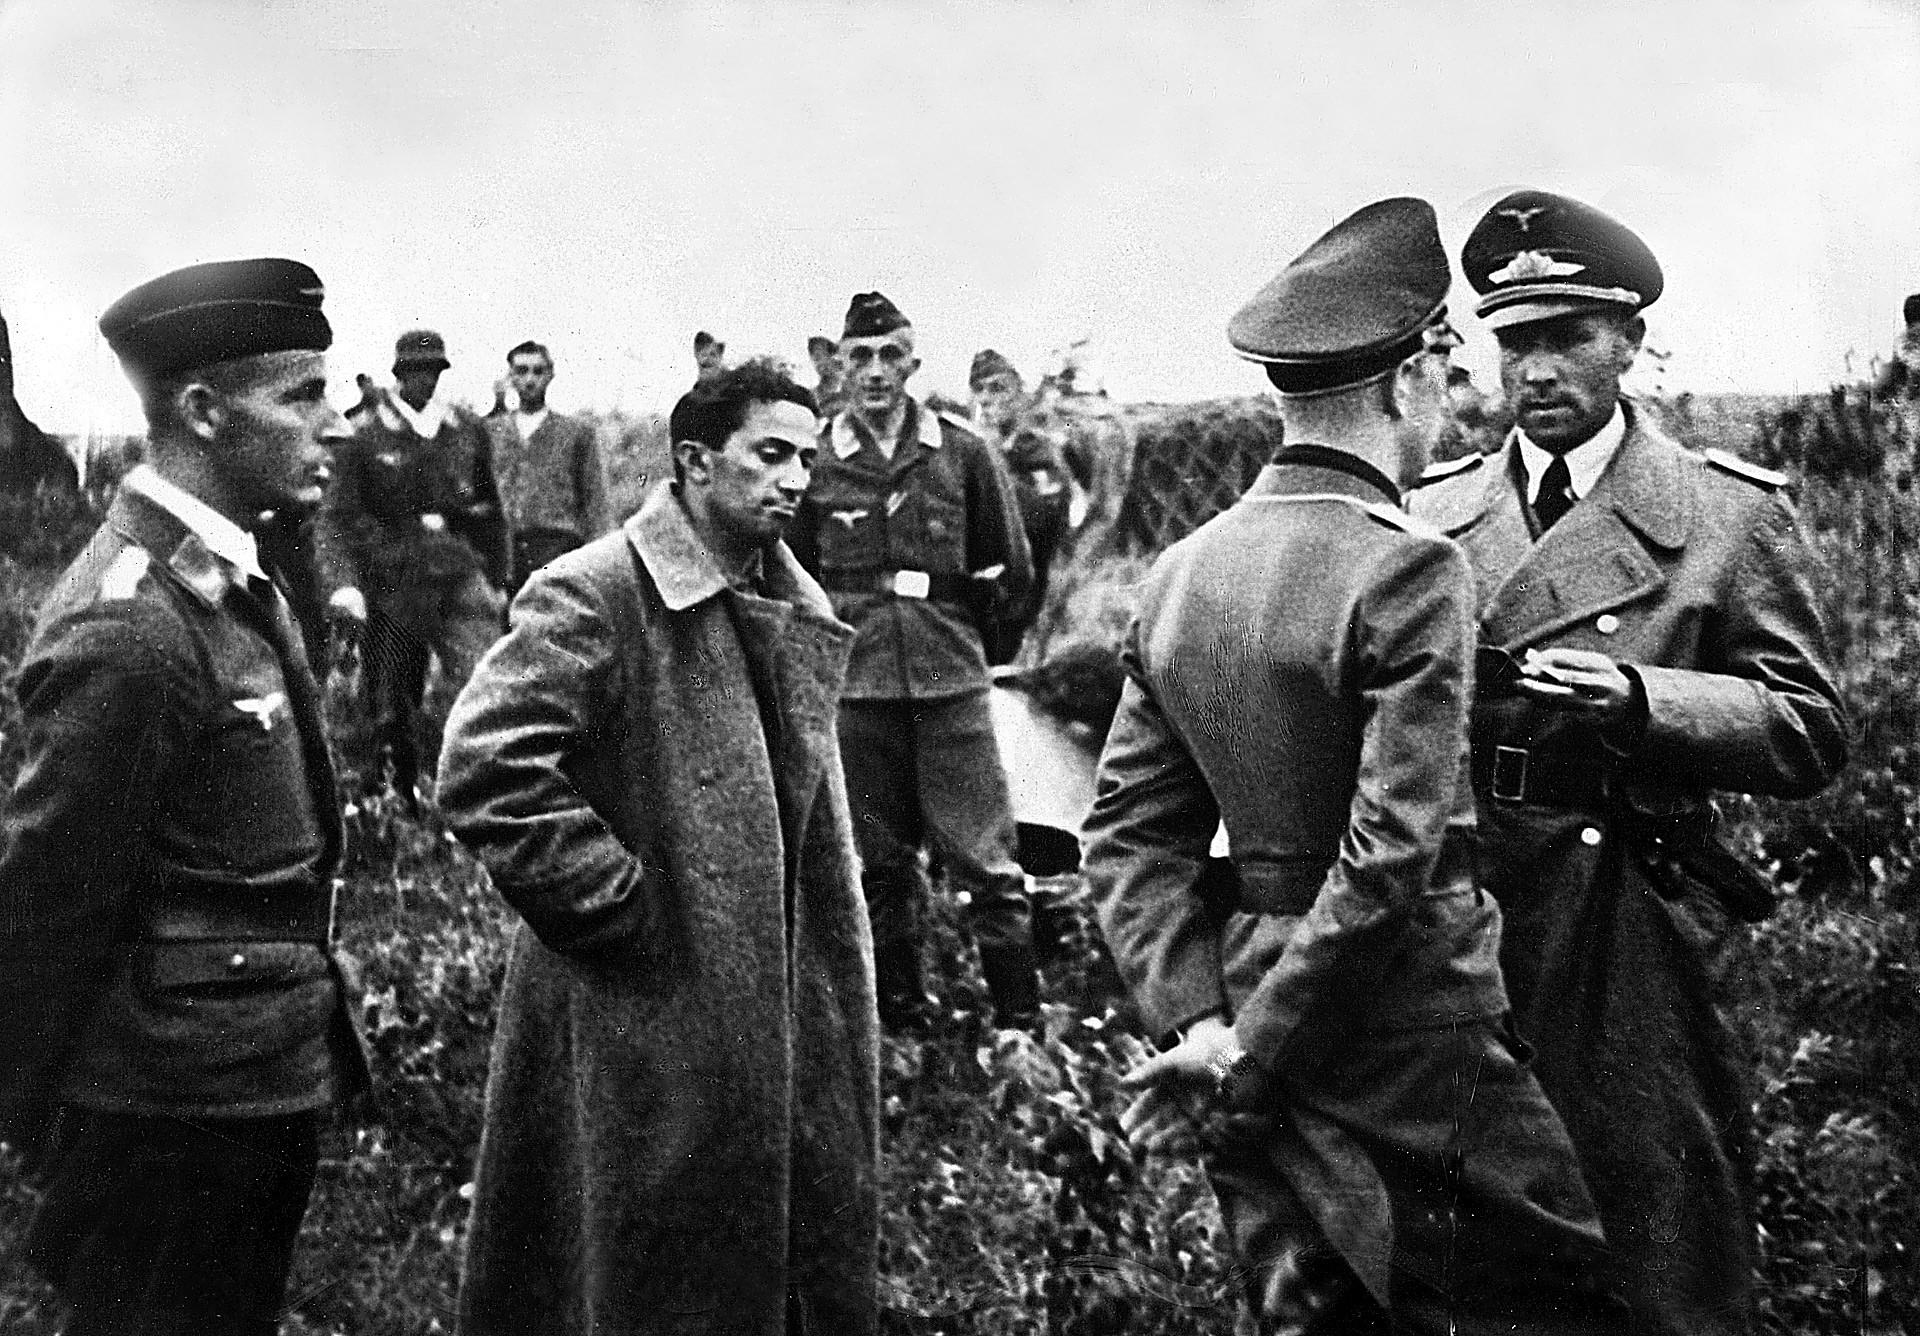 Първият син на Йосиф Сталин - Яков Джугашвили, чака, след като е пленен на Източния фронт.